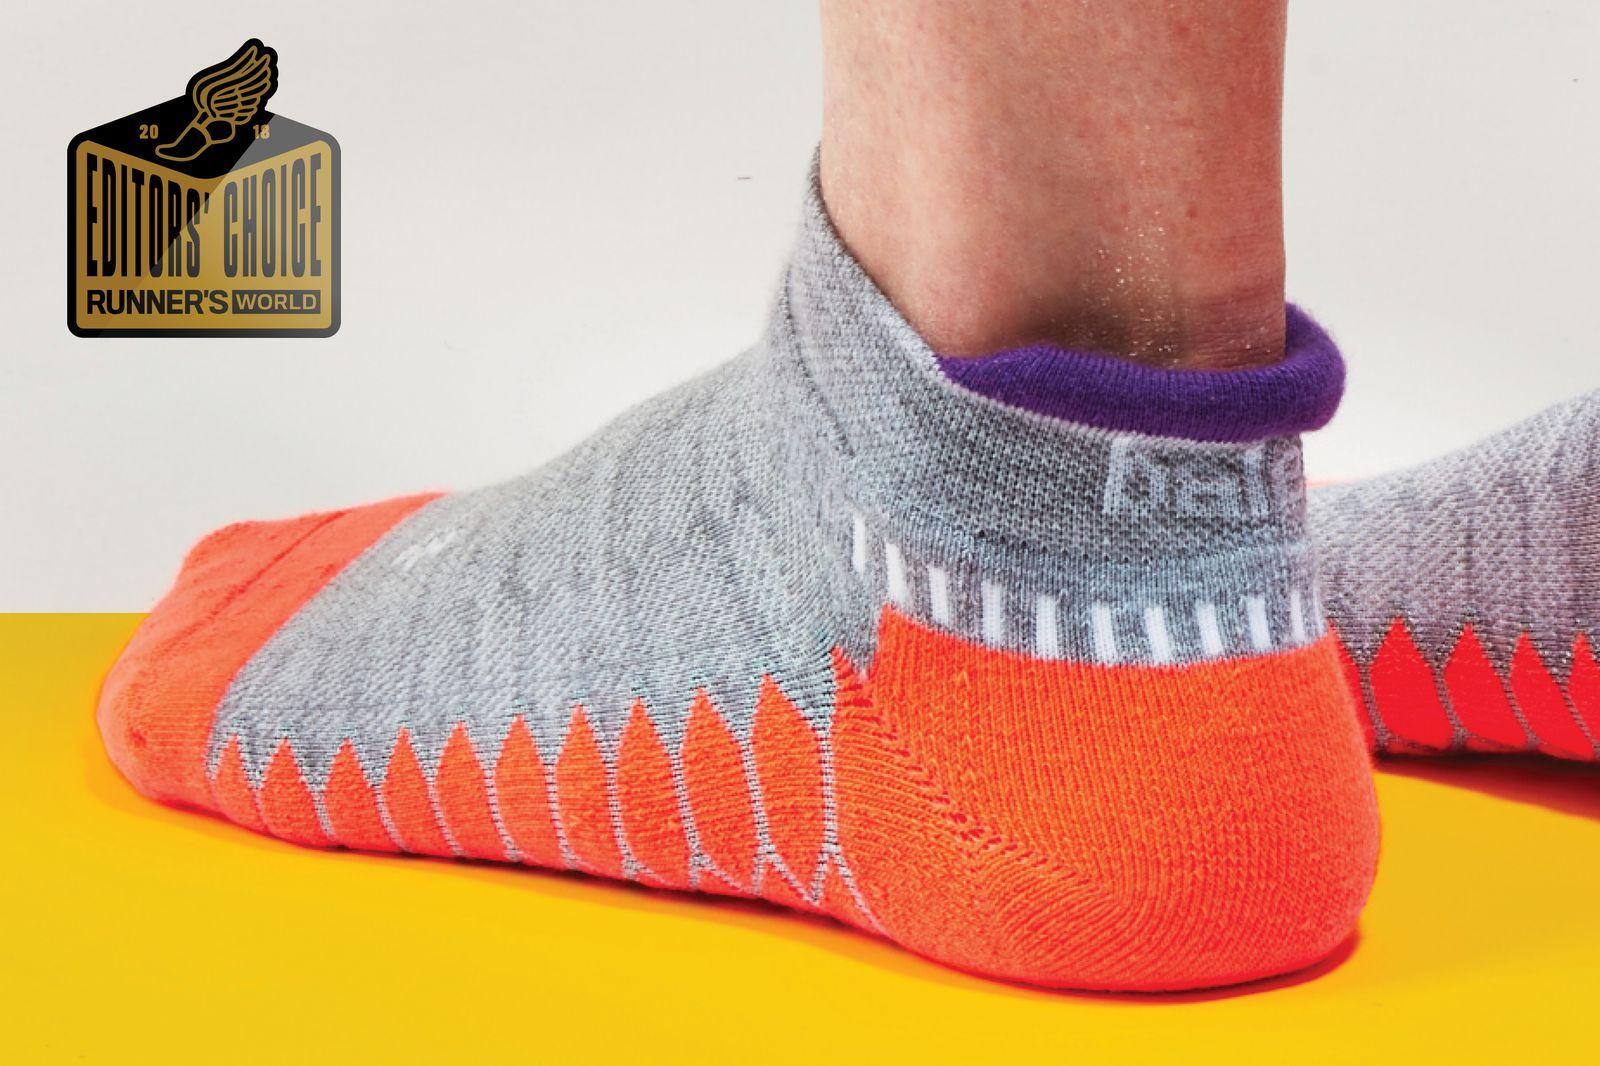 Comfortable socks, Half marathon socks